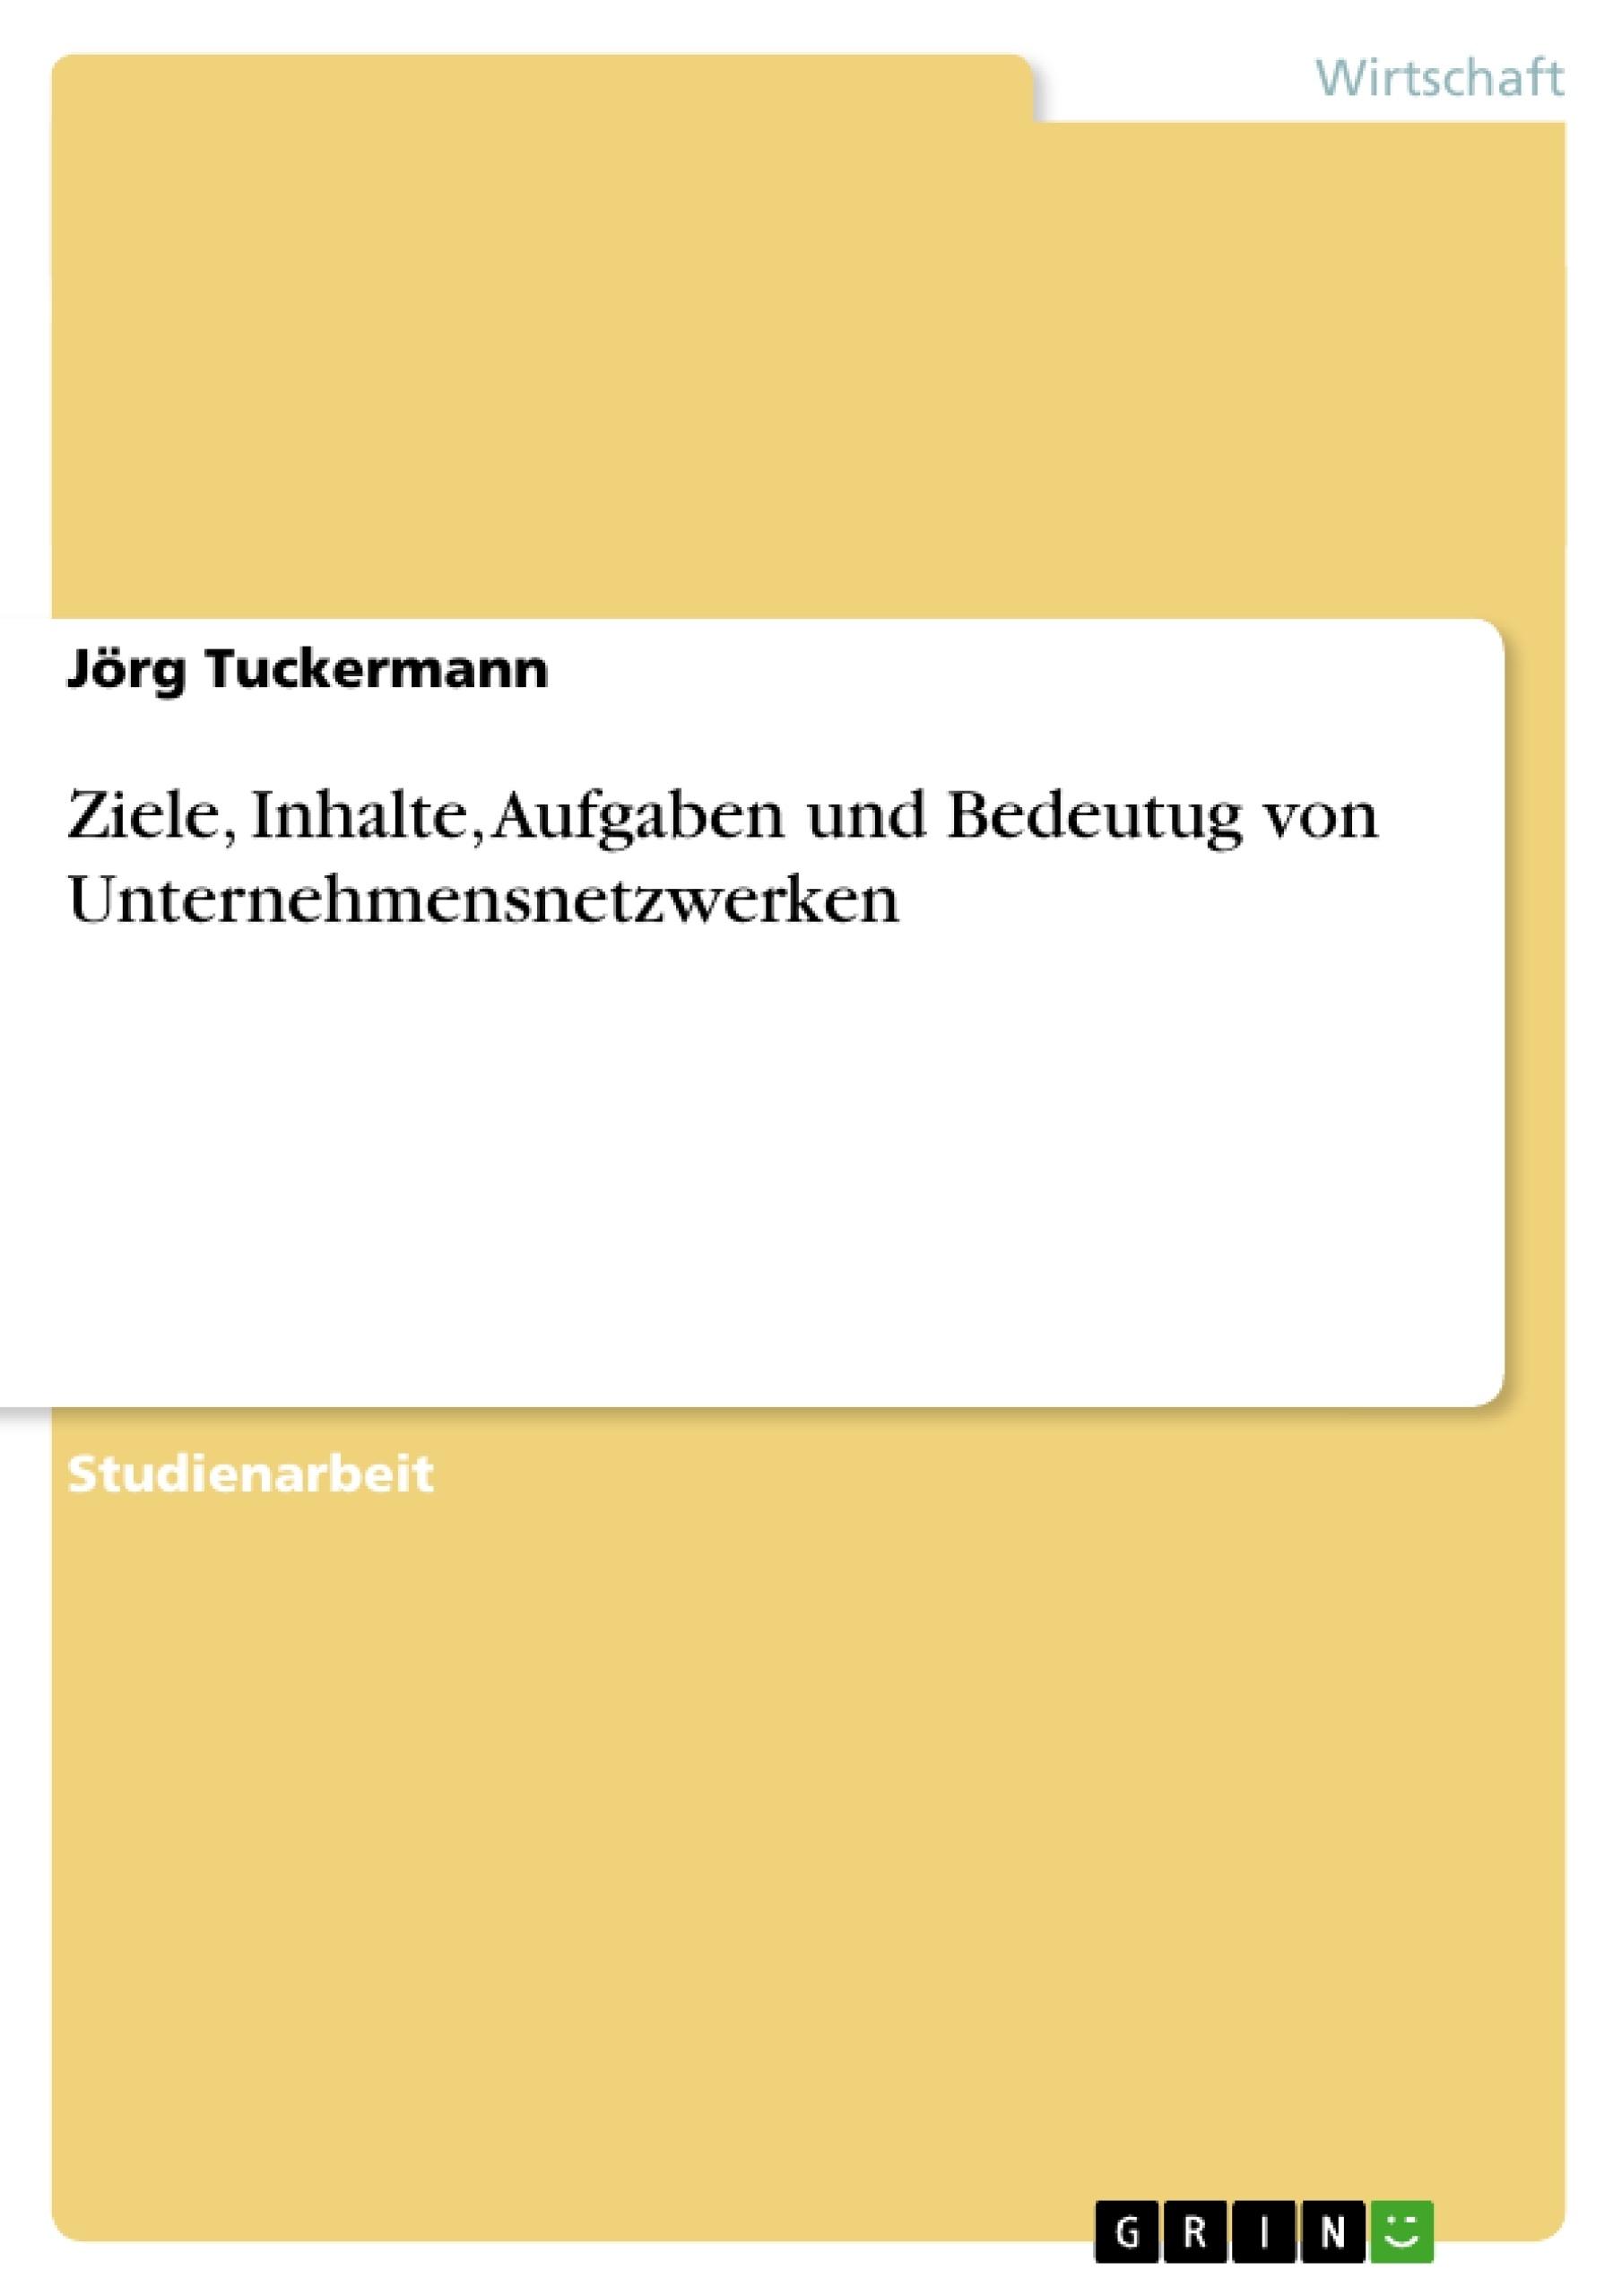 Titel: Ziele, Inhalte, Aufgaben und Bedeutug von Unternehmensnetzwerken